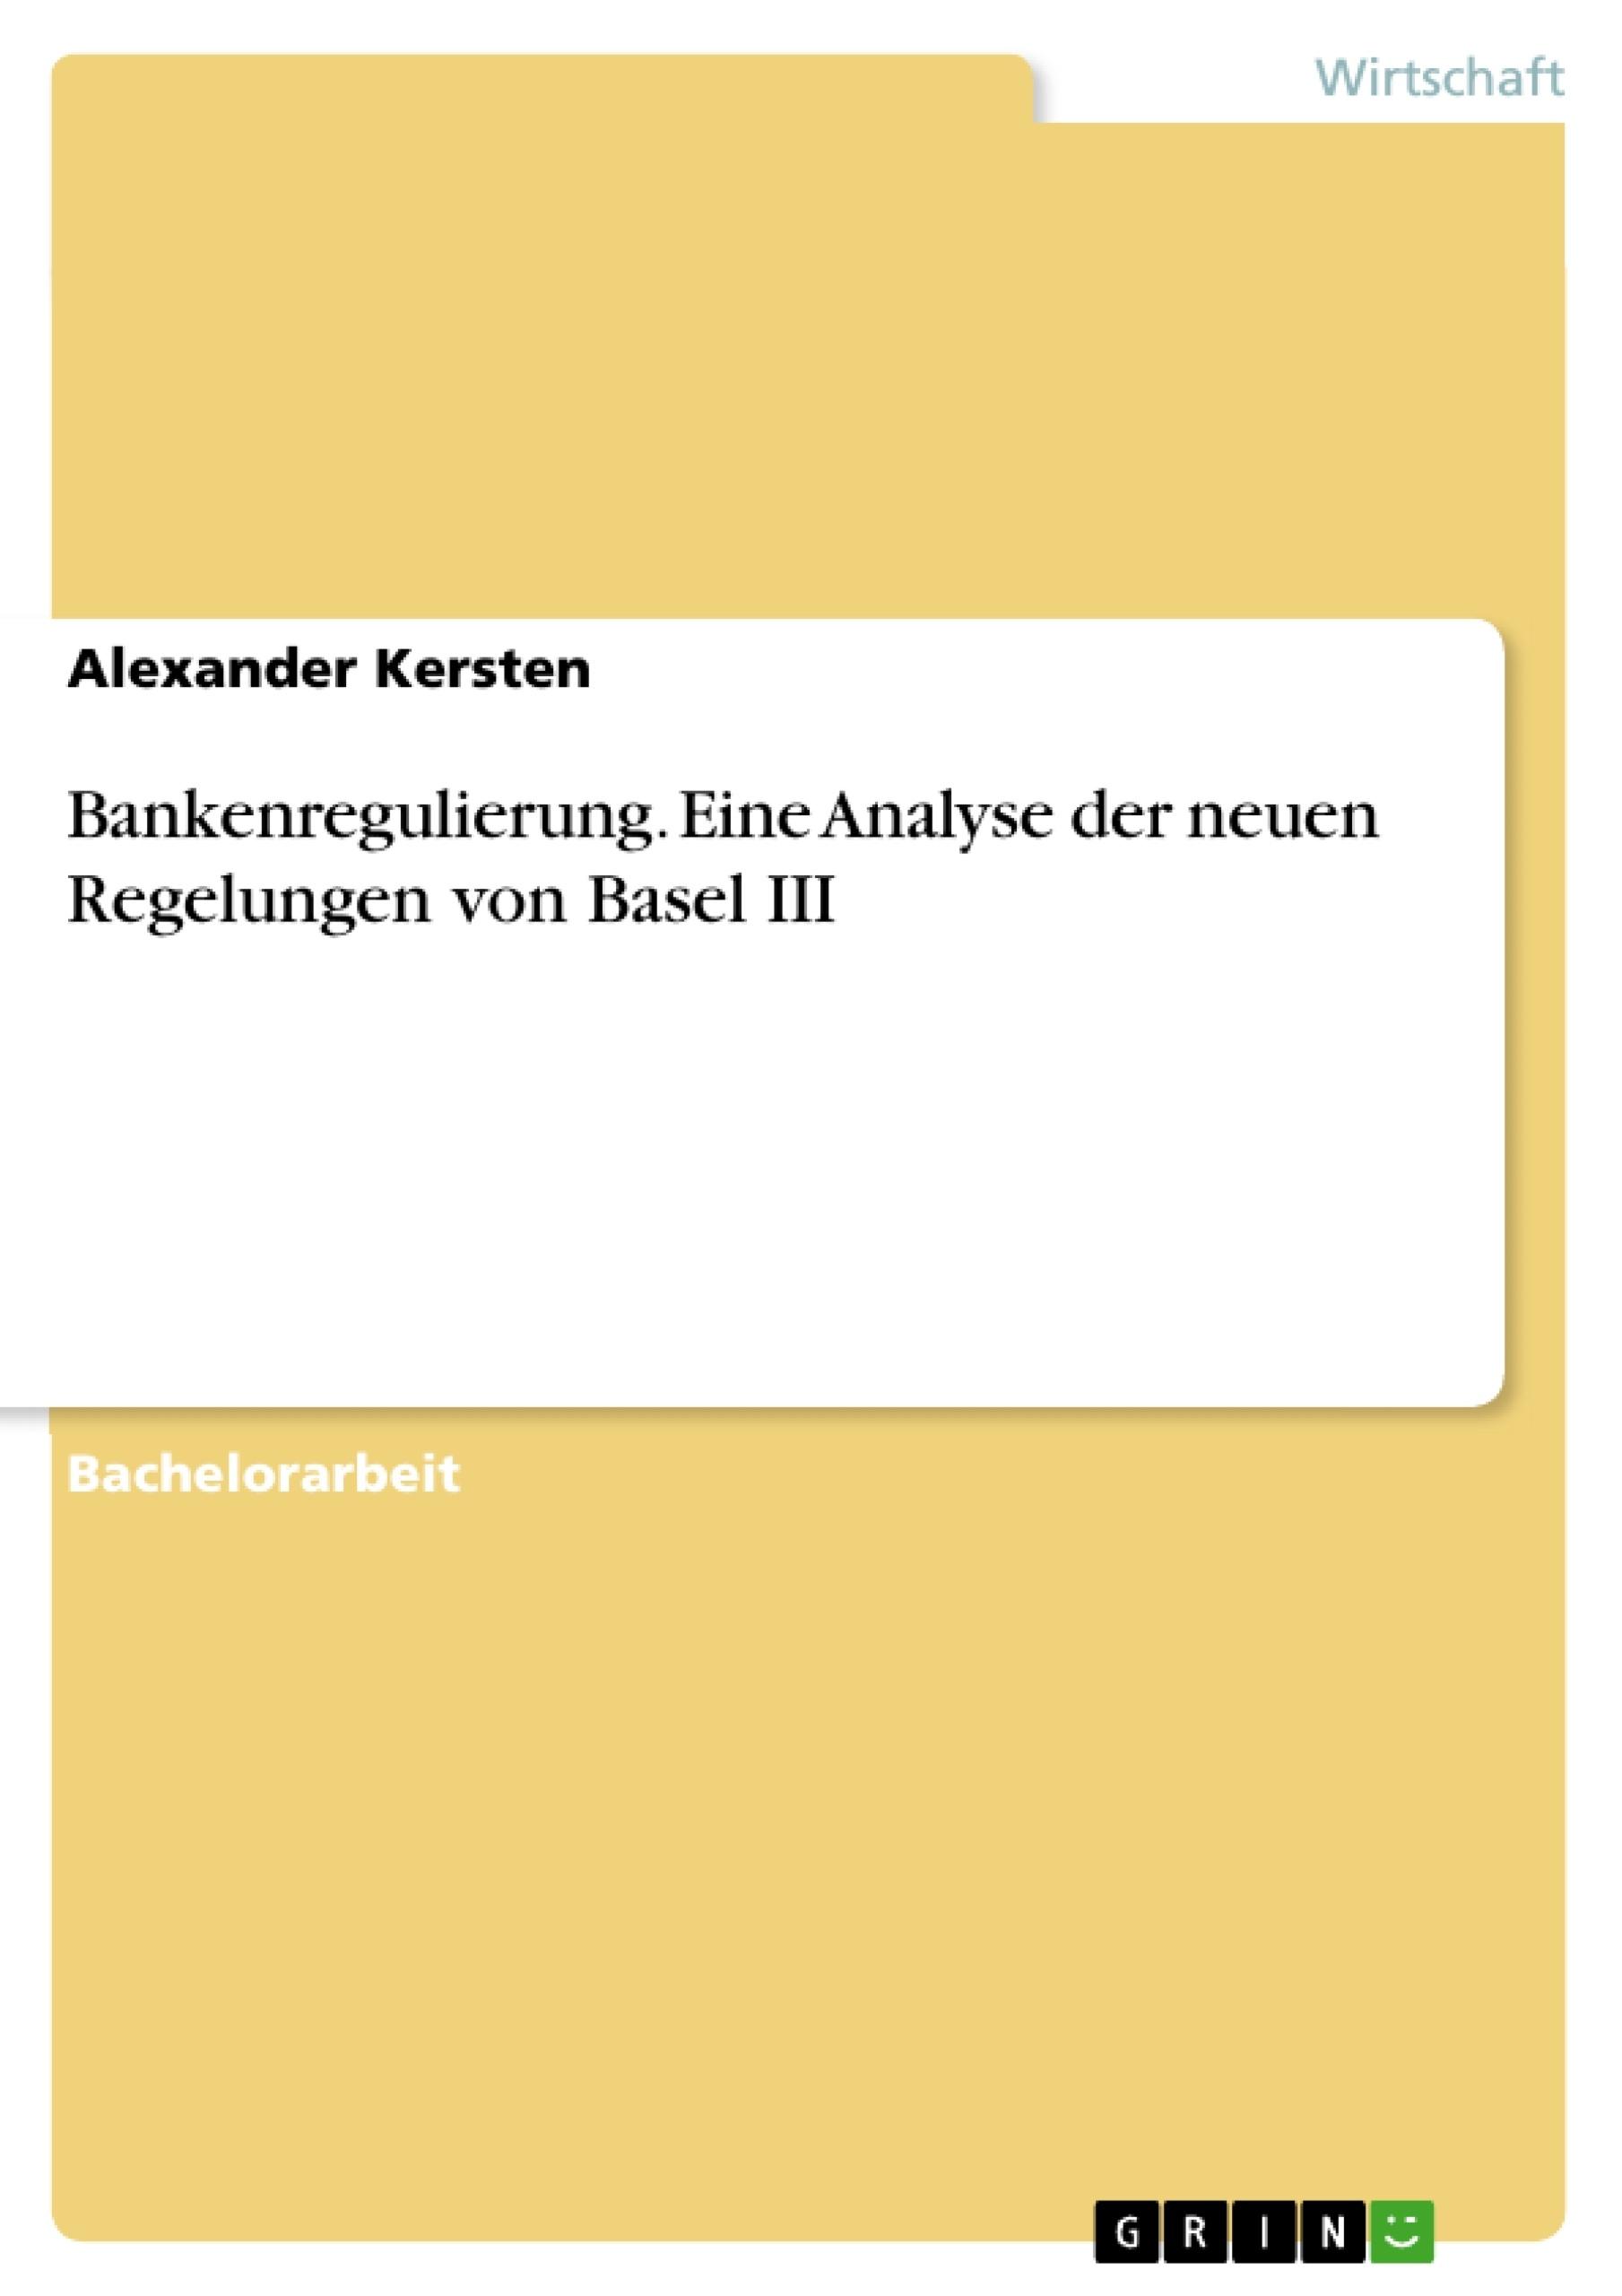 Titel: Bankenregulierung. Eine Analyse der neuen Regelungen von Basel III